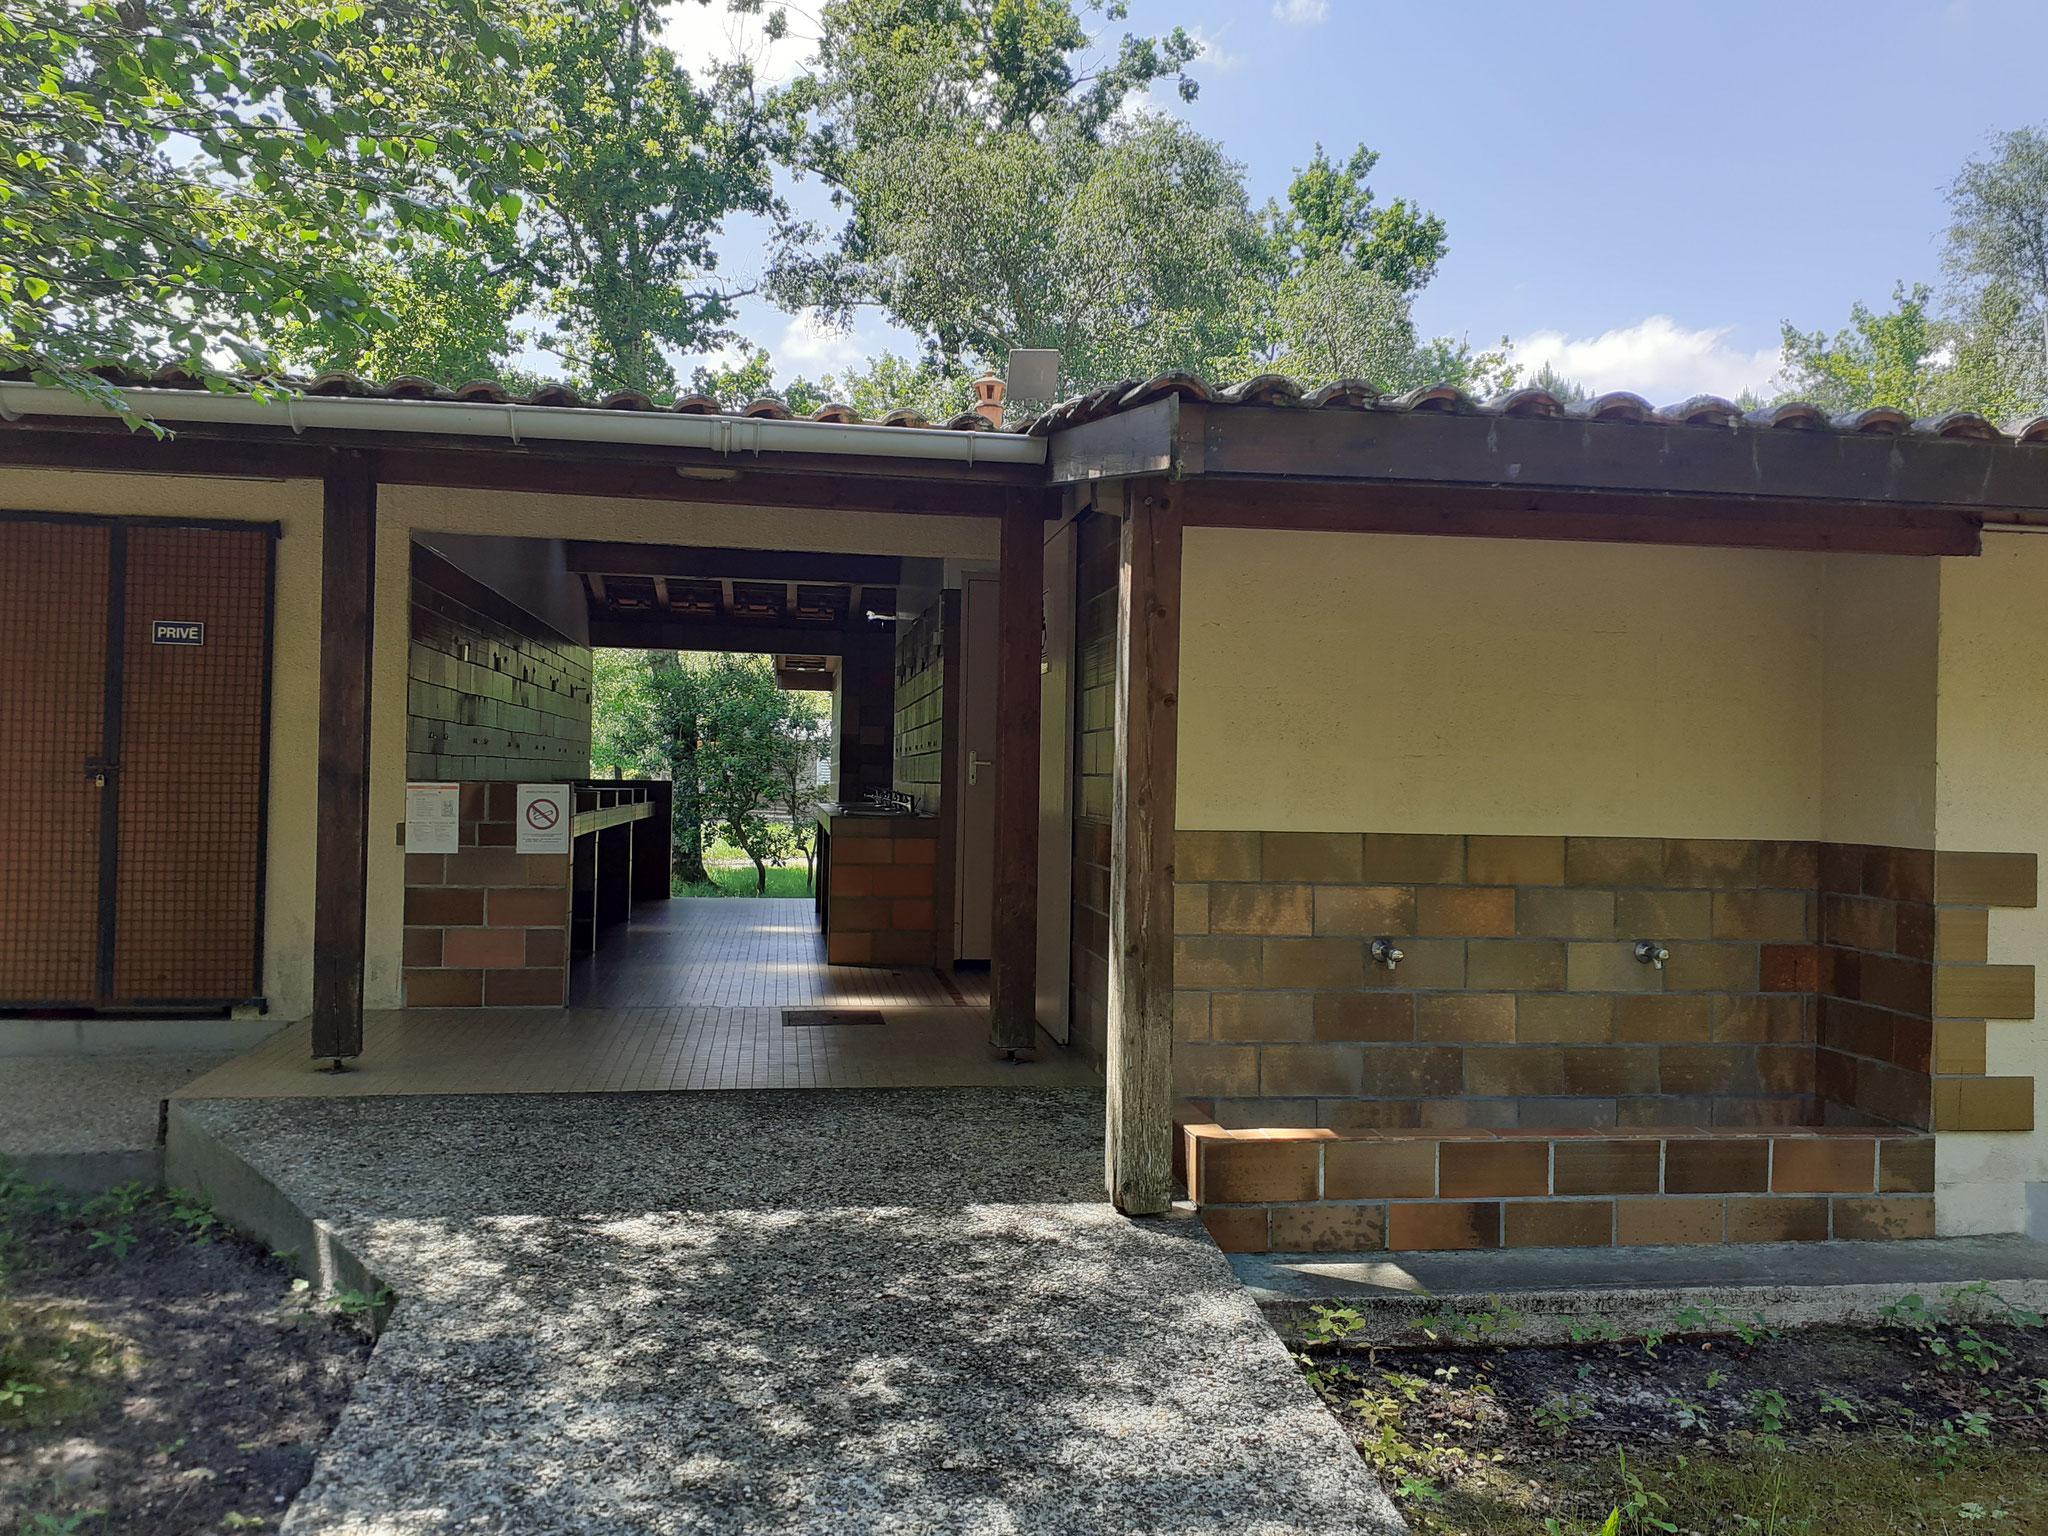 Sanitär - Eingang 2 mit Zugangsrampe zum Bad und zur Toilette